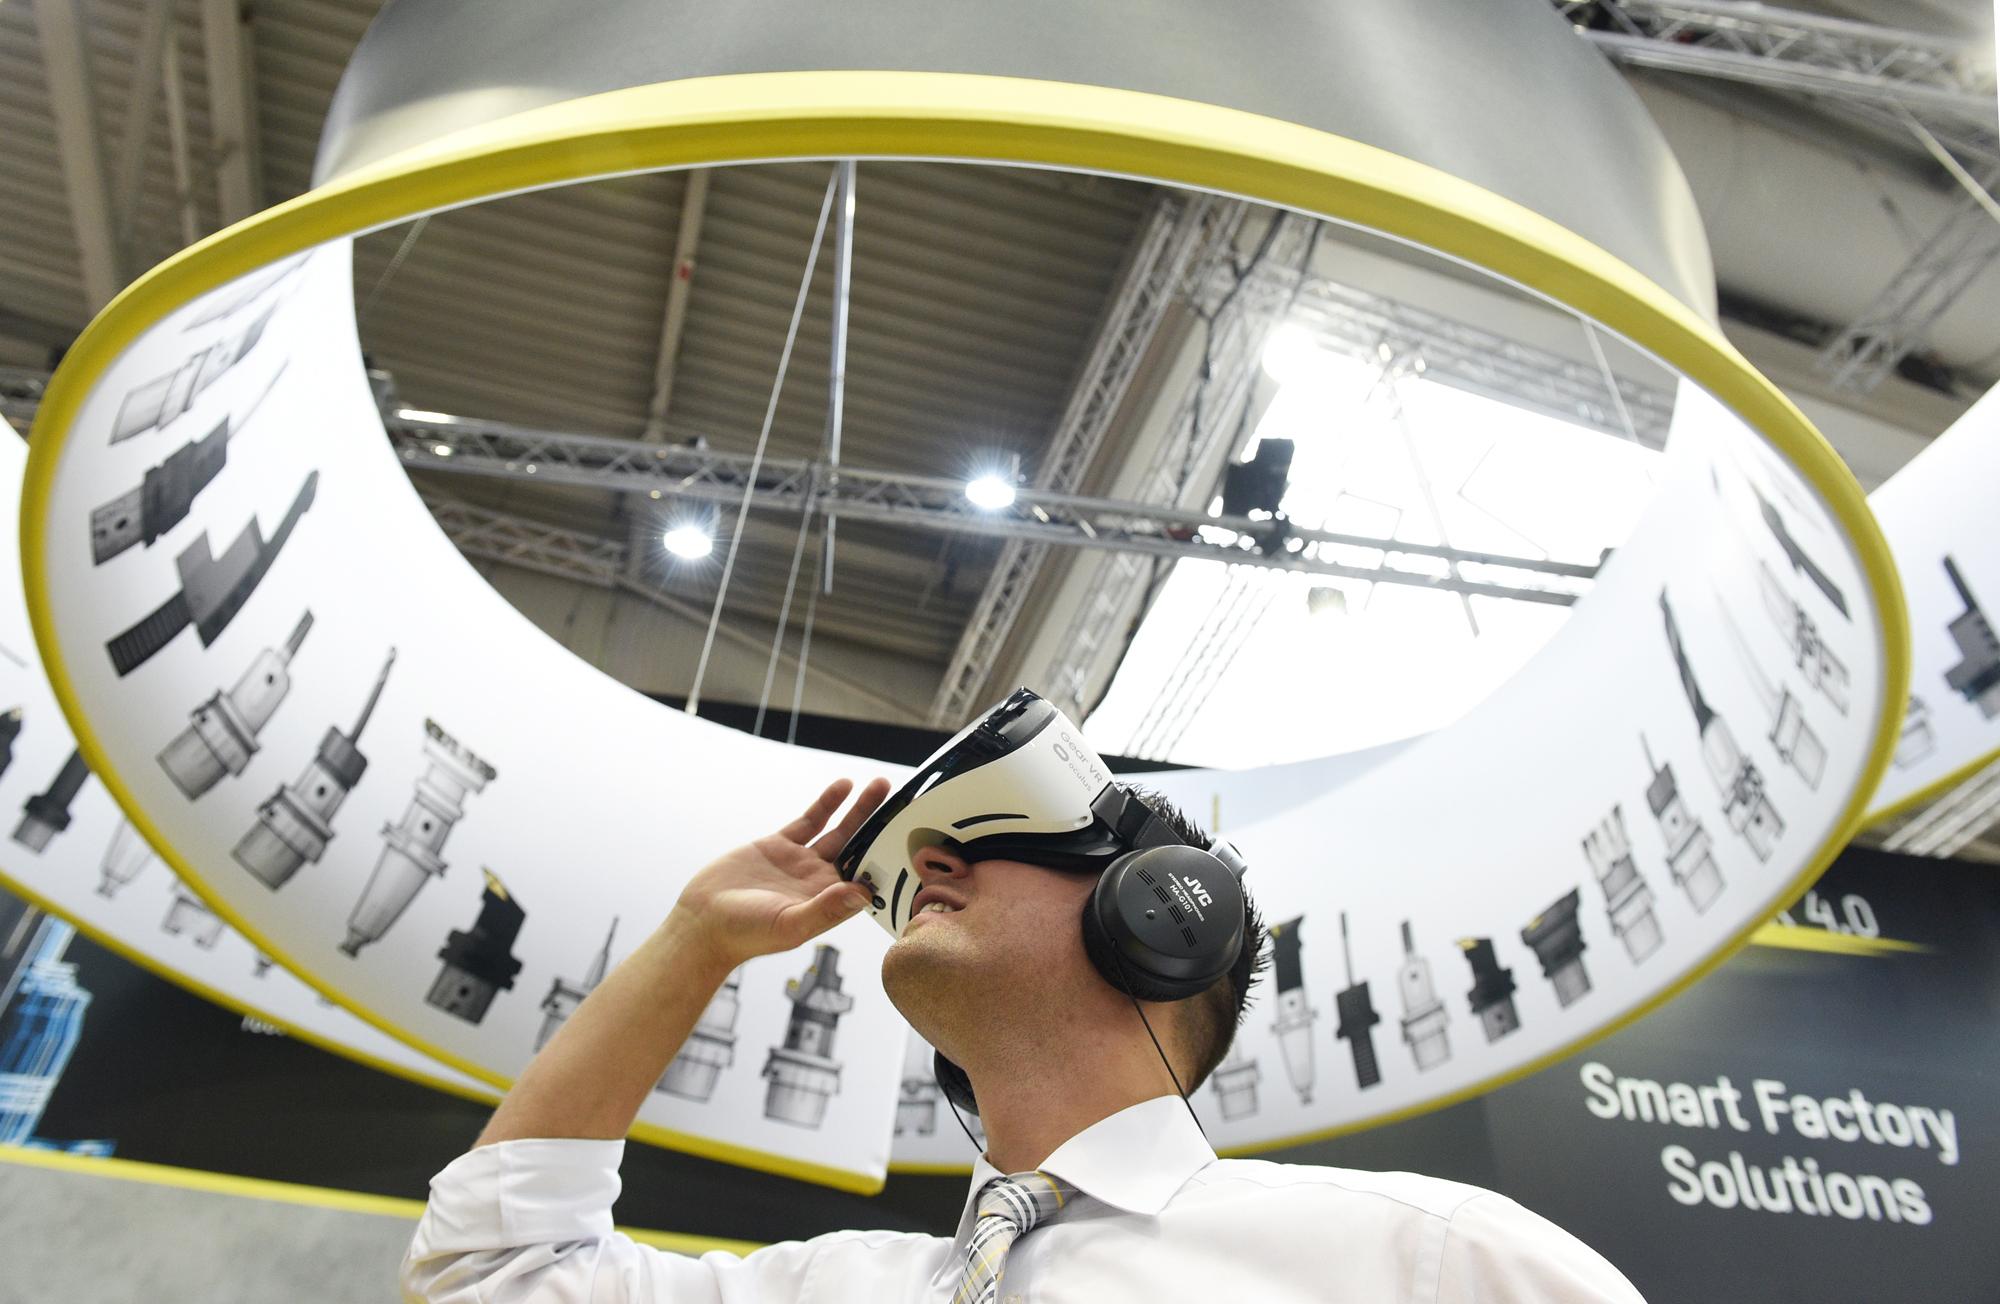 Neue Technologien eröffnen Chancen für neue Geschäftsfelder